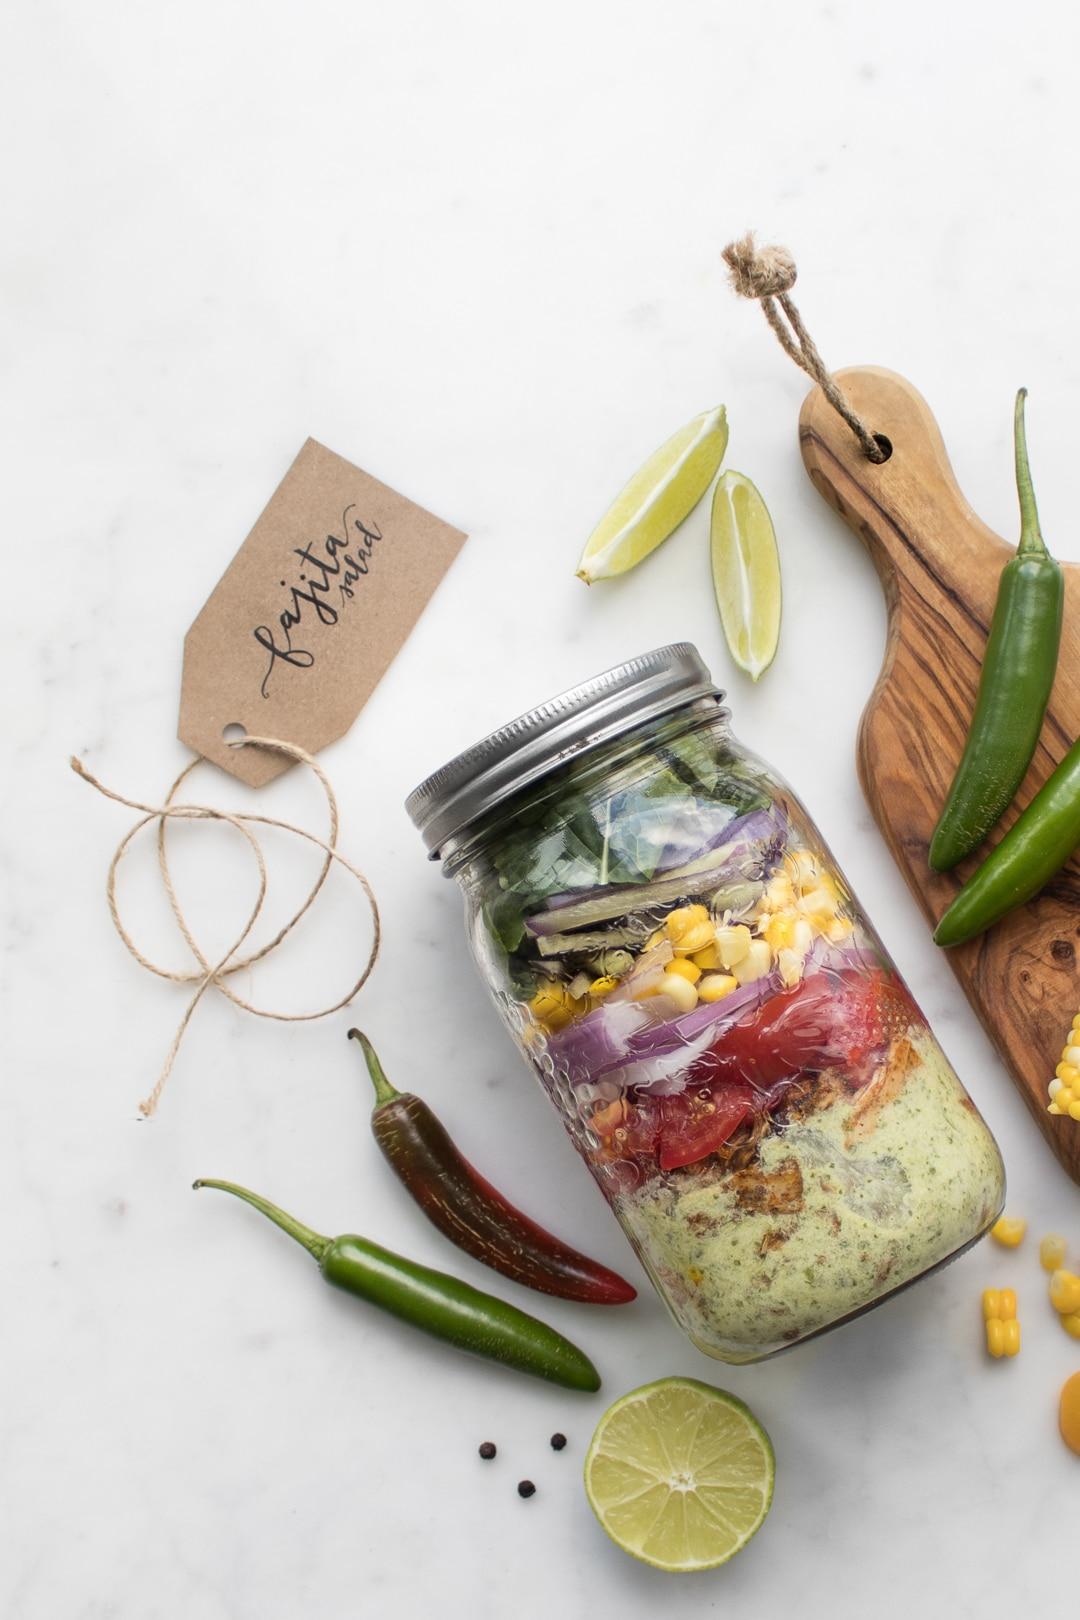 fijita salad